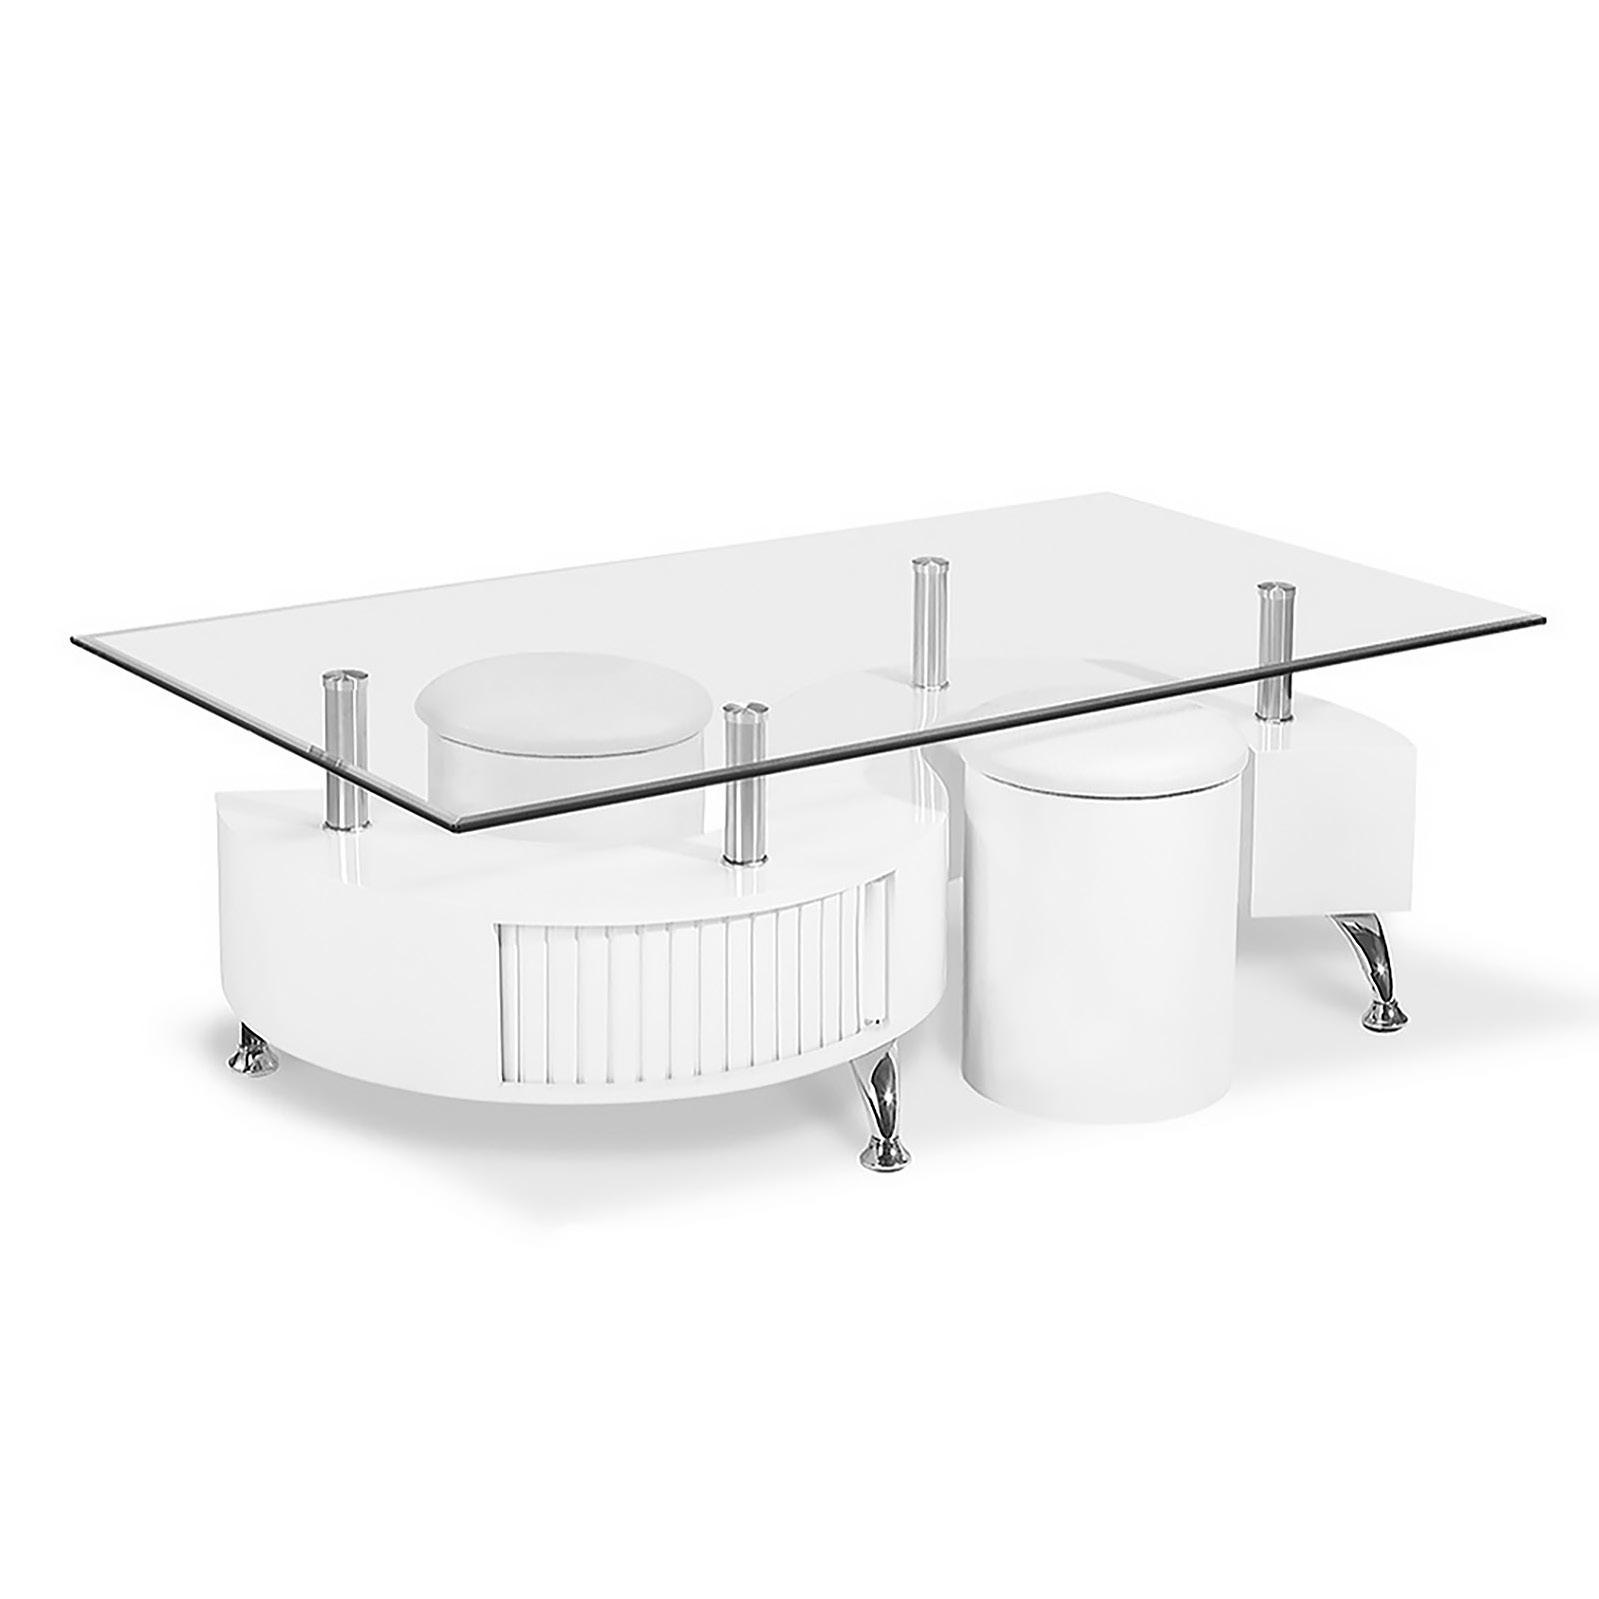 Cubio sohvapöytä kiiltävä valkoinen, Tenstar